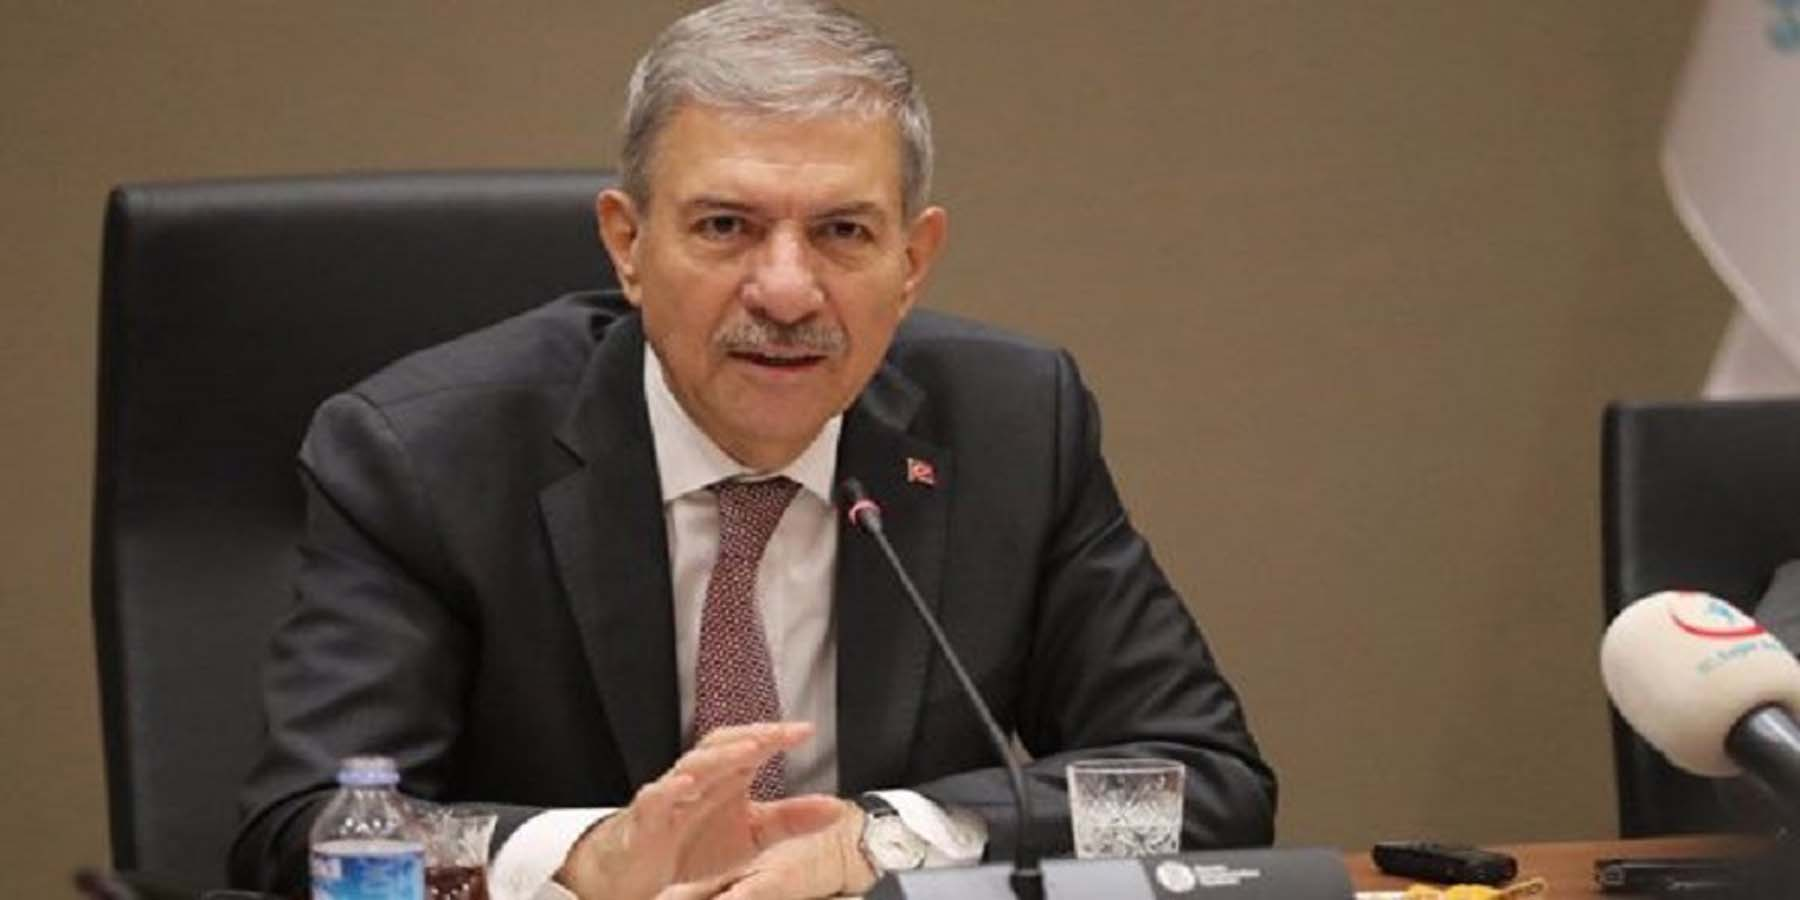 Sağlık Bakanı Demircan Yıpranma Payı ile İlgili Açıklamalarda Bulundu